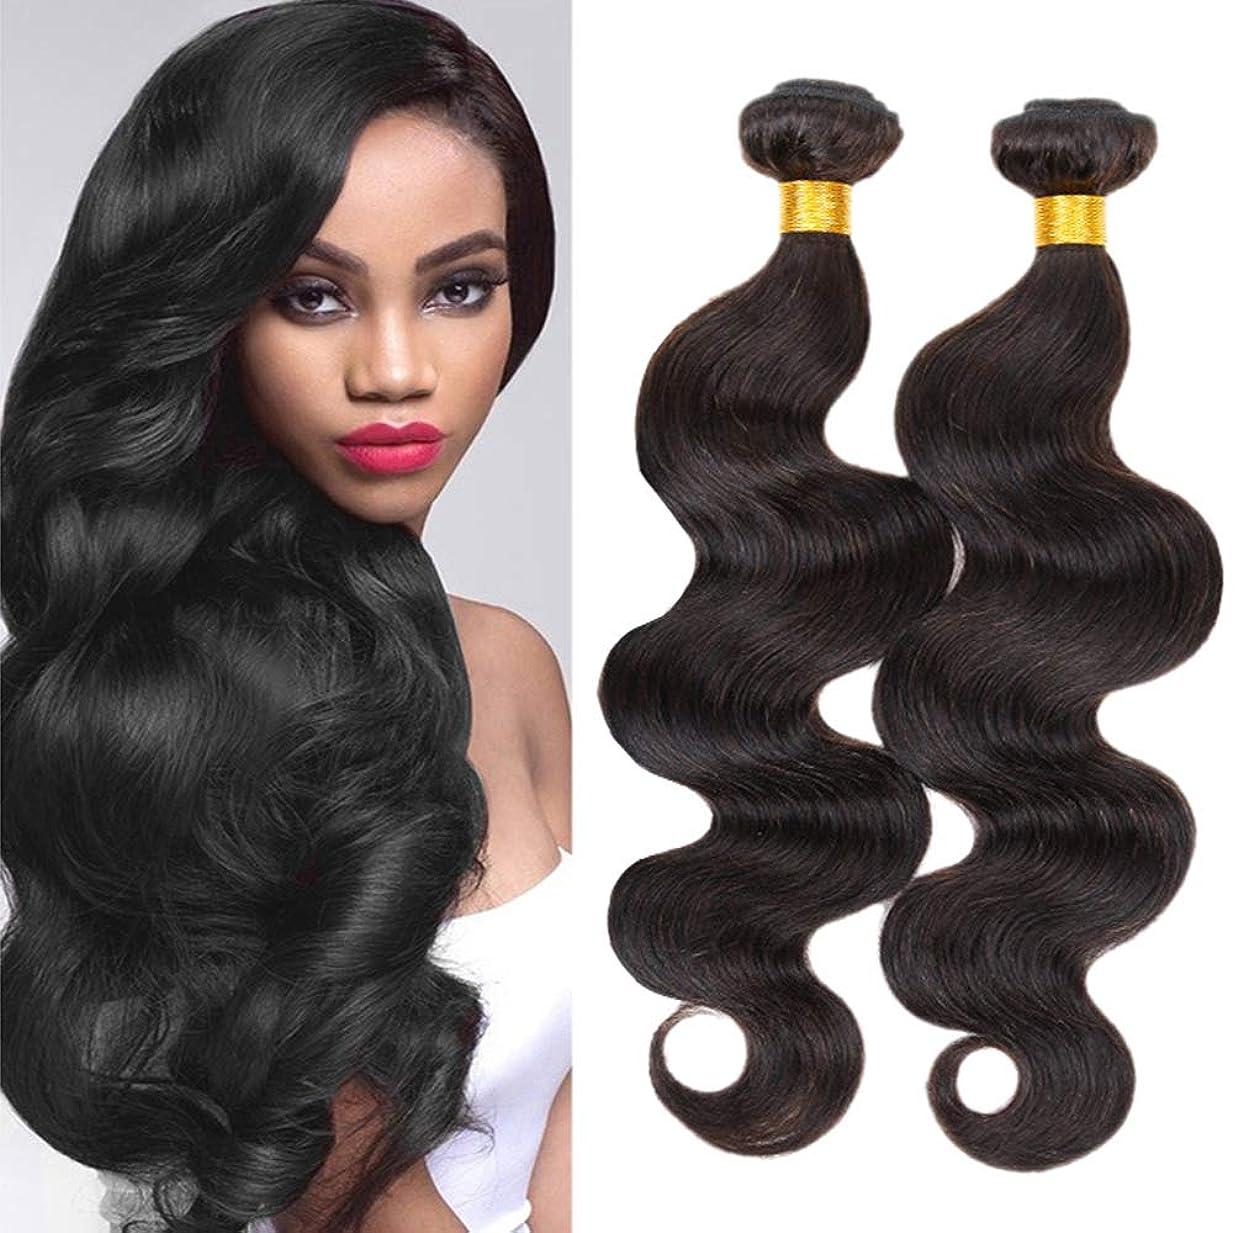 自分を引き上げるマンハッタンフォーマル女性の髪織り未処理の実体波髪1バンドルマレーシア100%本物の人間の髪横糸バージンヘア